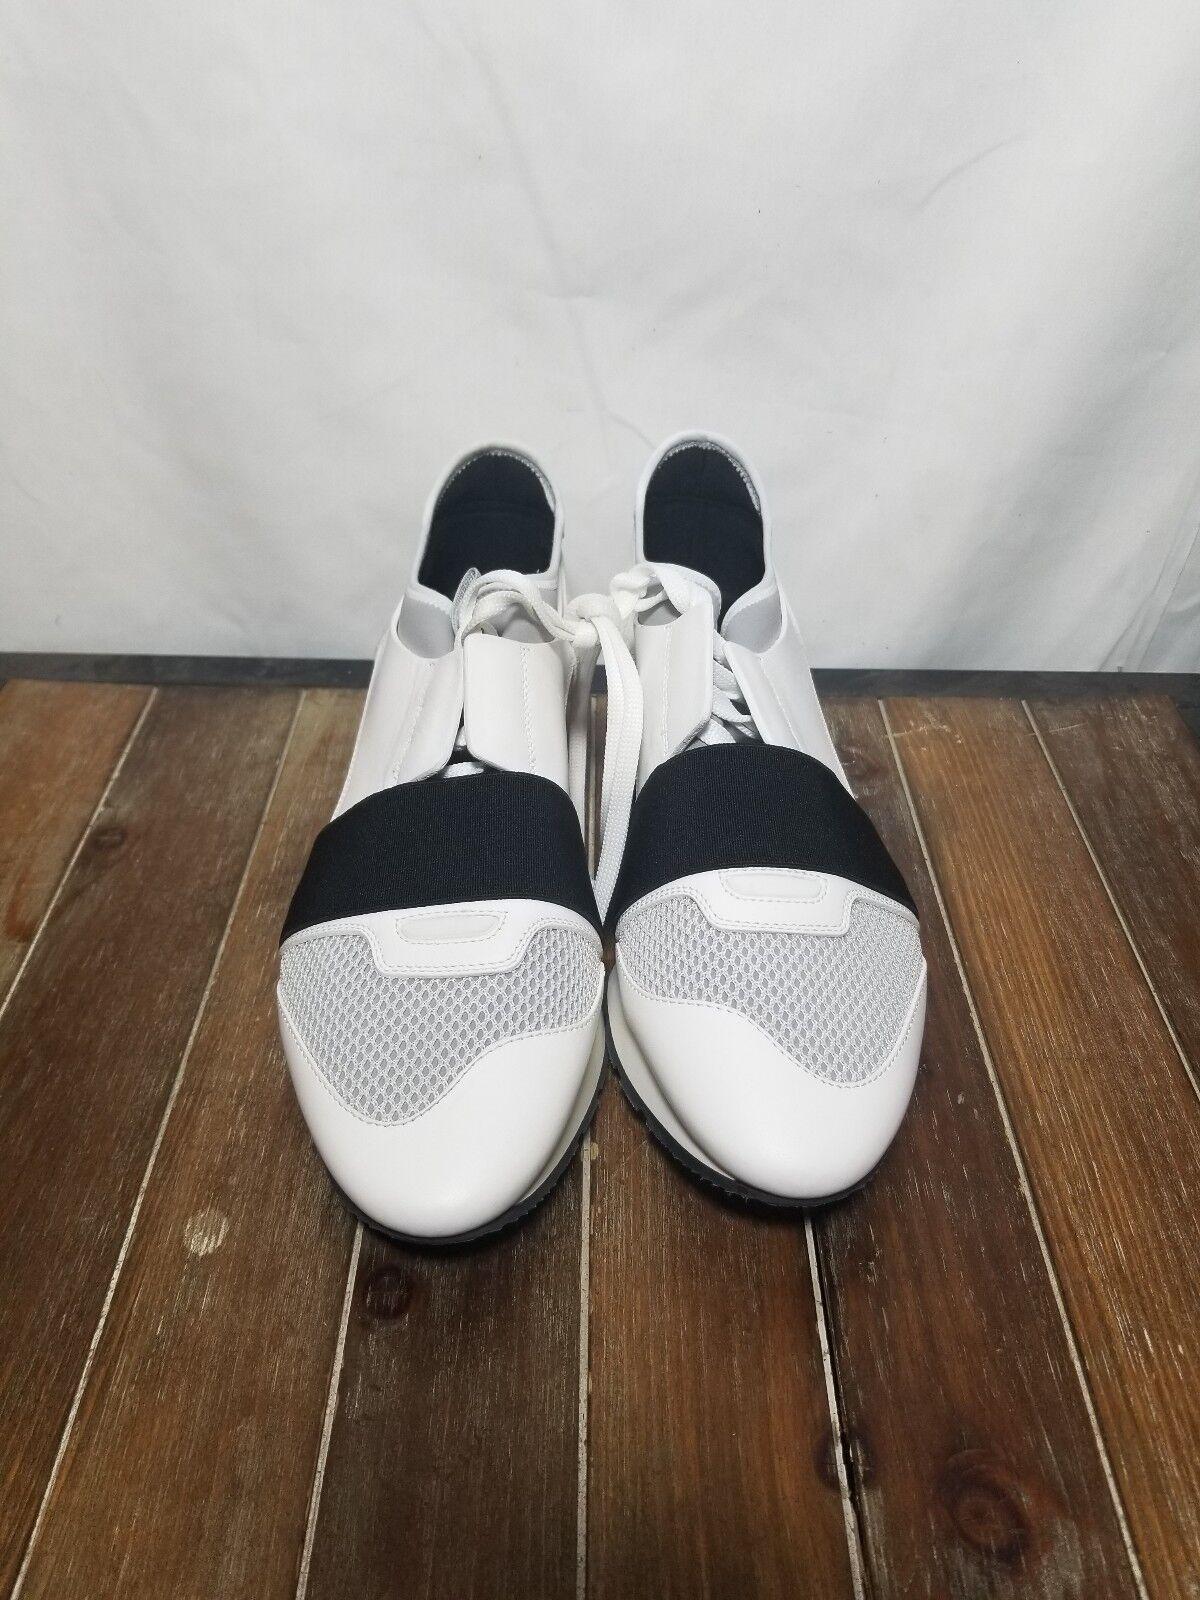 Balenciaga femmes US 9 blanc blanc blanc Race Runner Leather baskets  695  EUR 40 242d9e